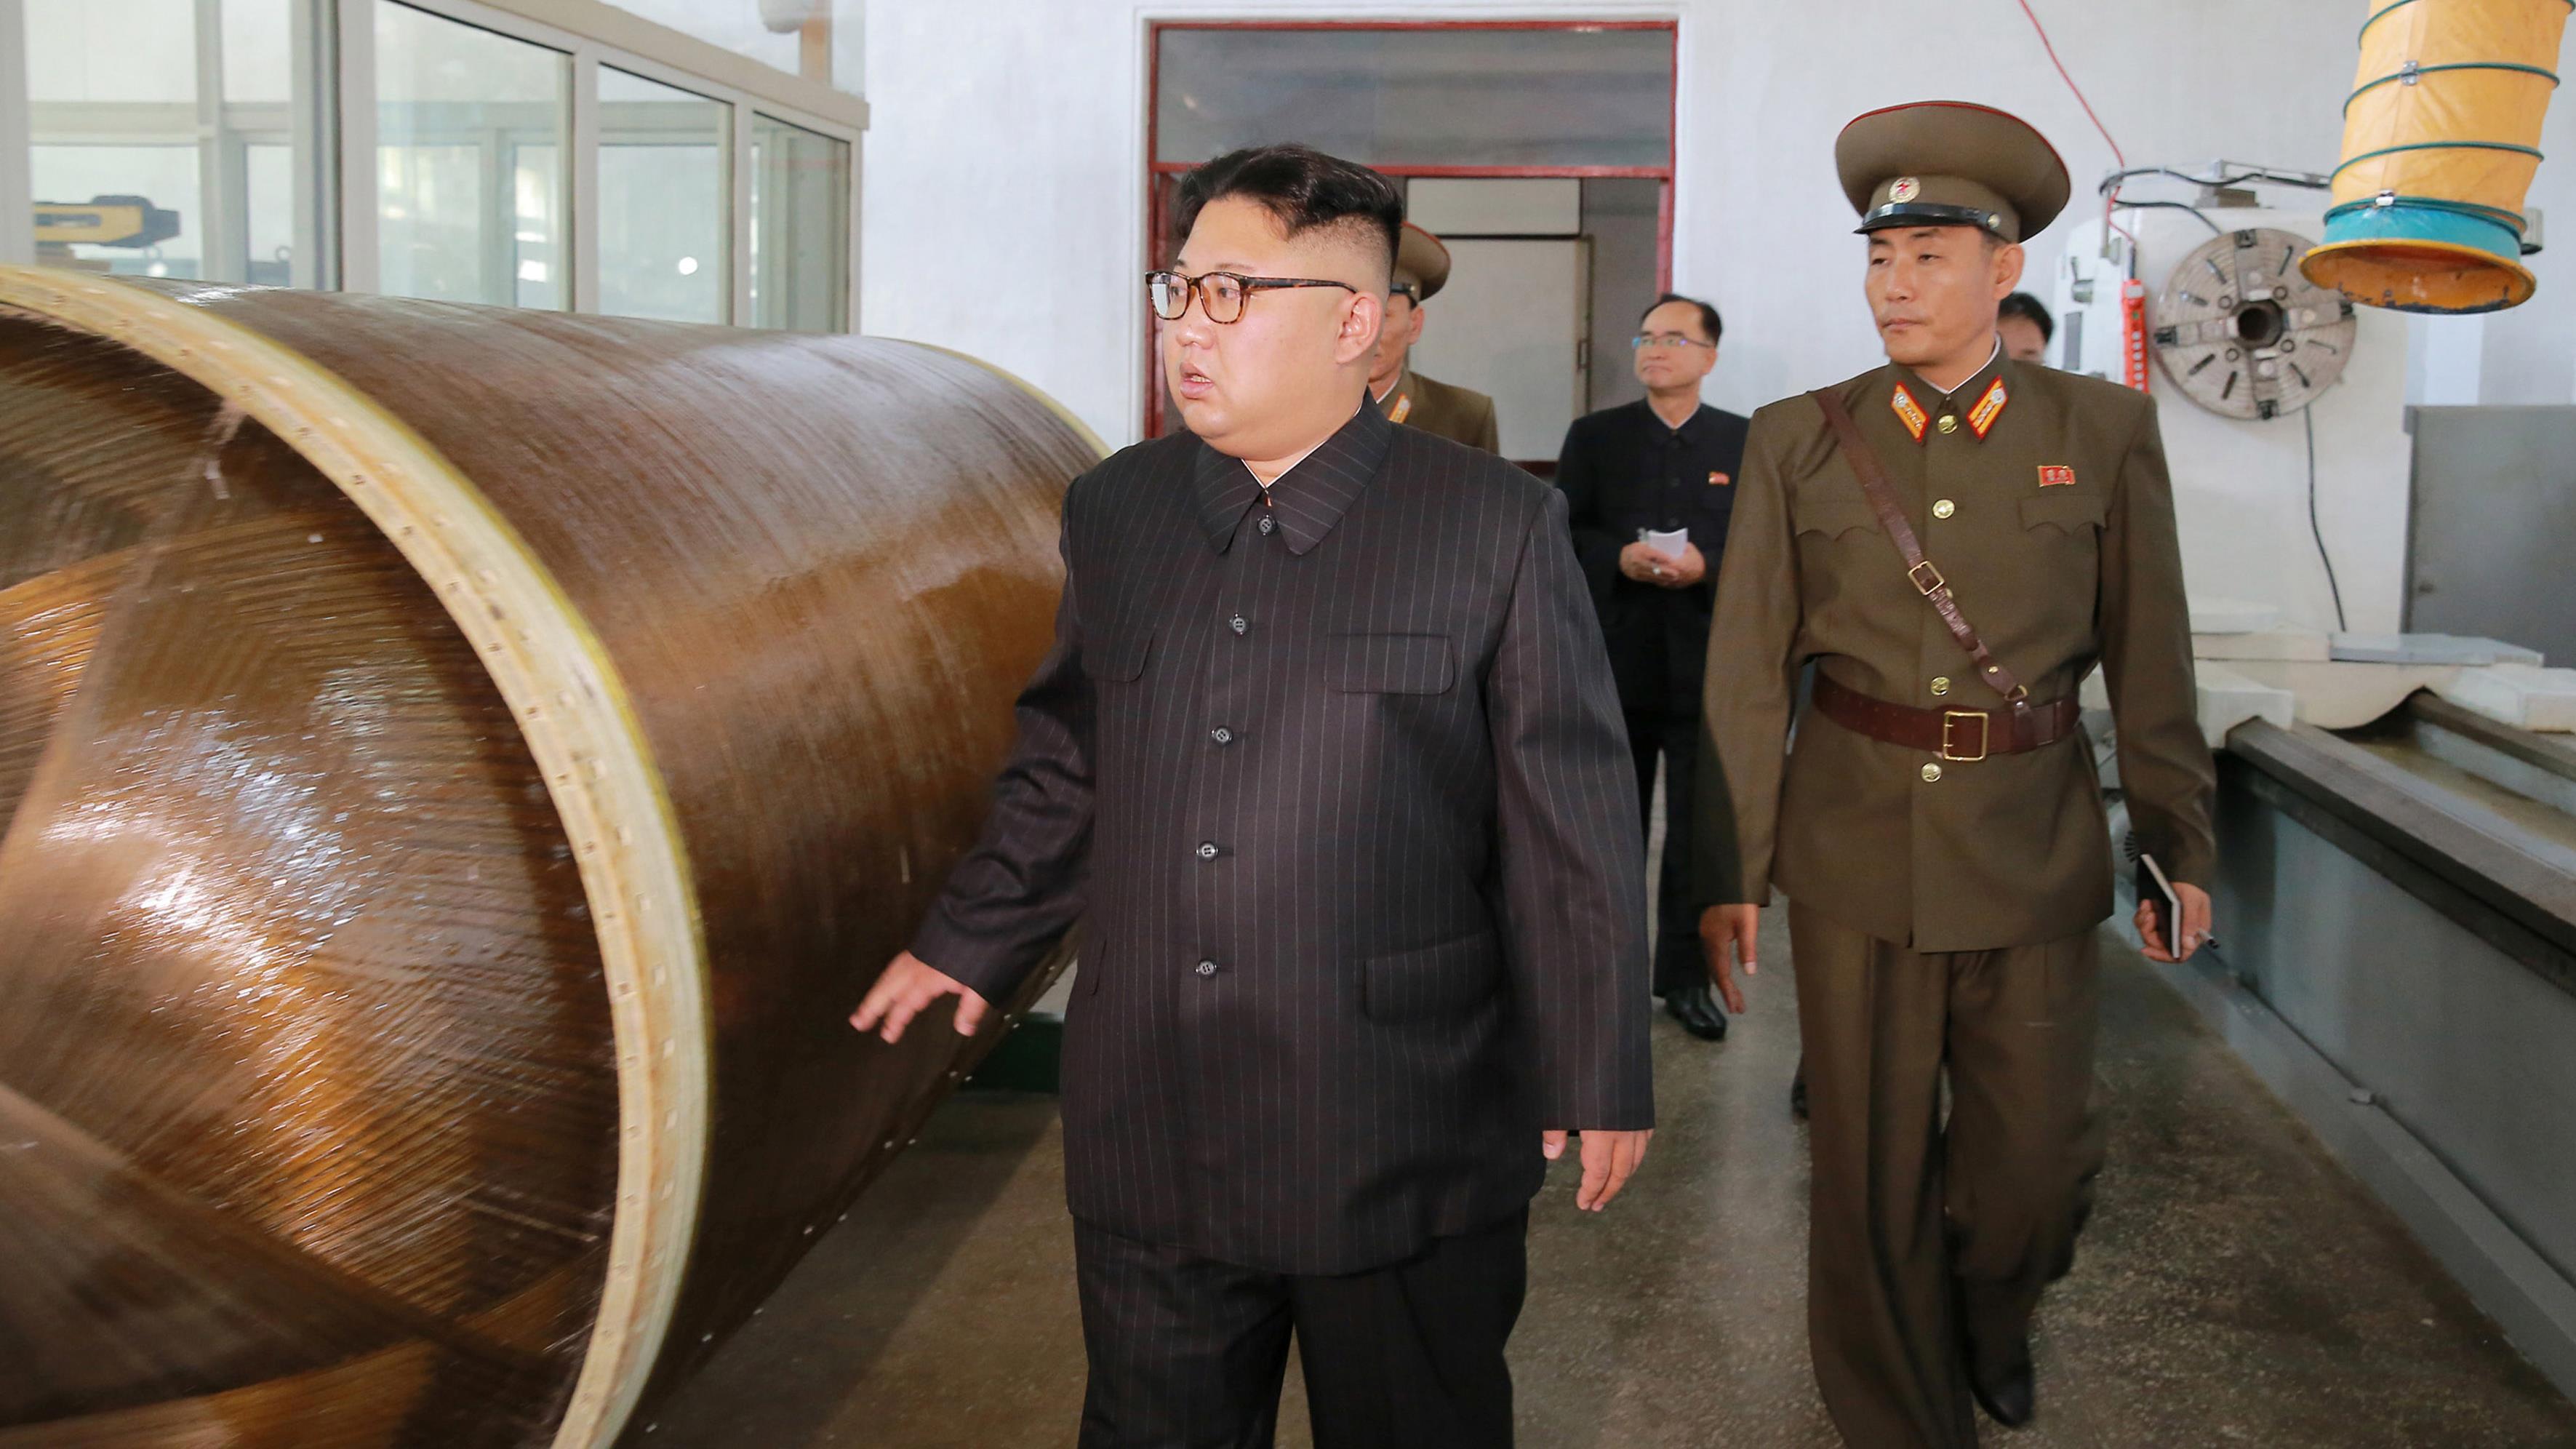 Le dernier missile nord-coréen capable d'atteindre l'île américaine de Guam